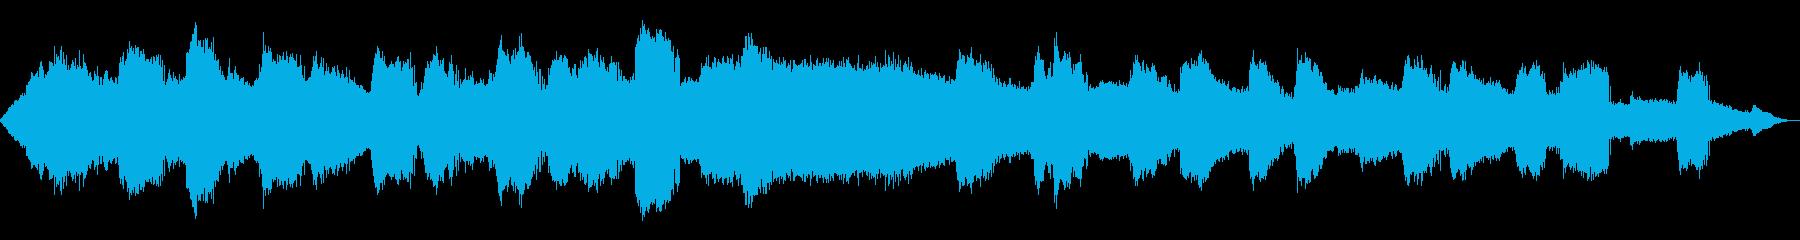 【自然音】蝉(ヒグラシ)の鳴き声02の再生済みの波形